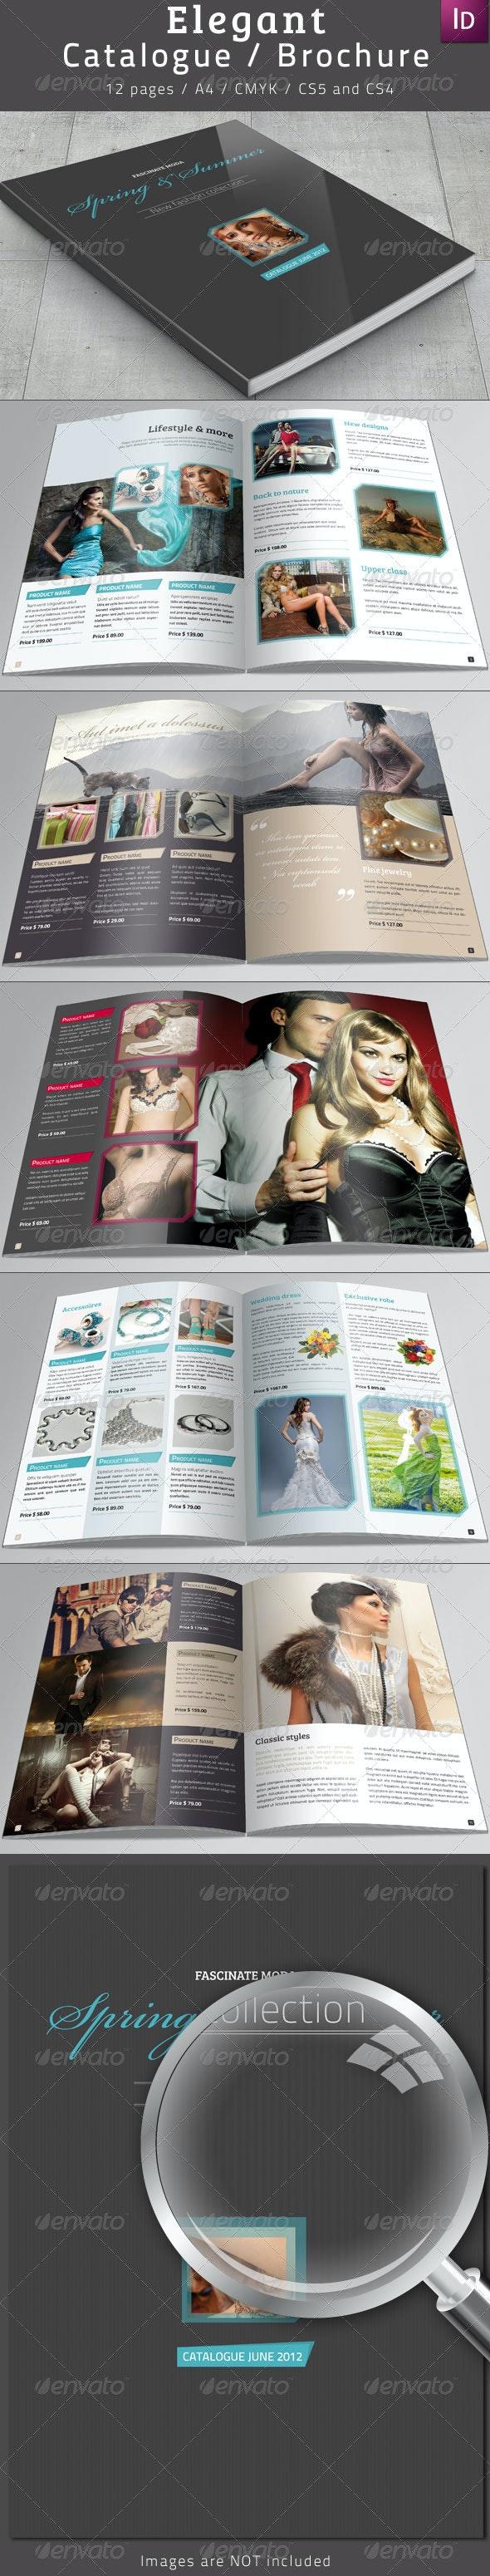 Elegant Catalogue / Brochure - Catalogs Brochures